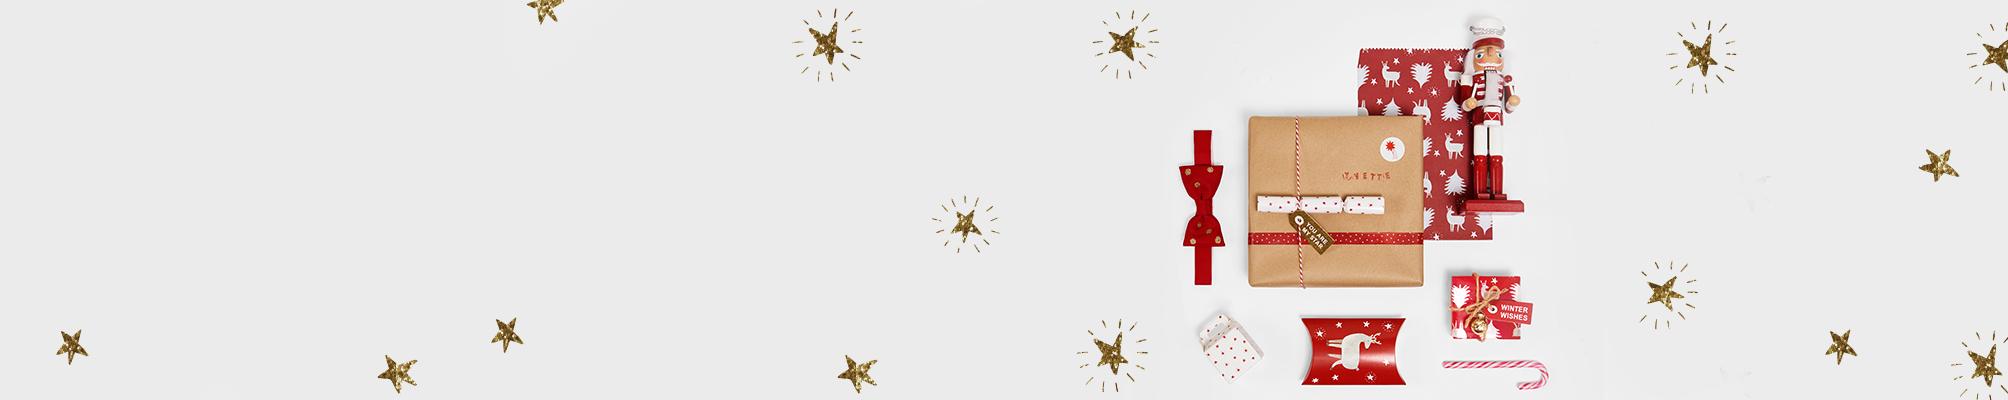 kerst knutselen - Herobanner - HEMA